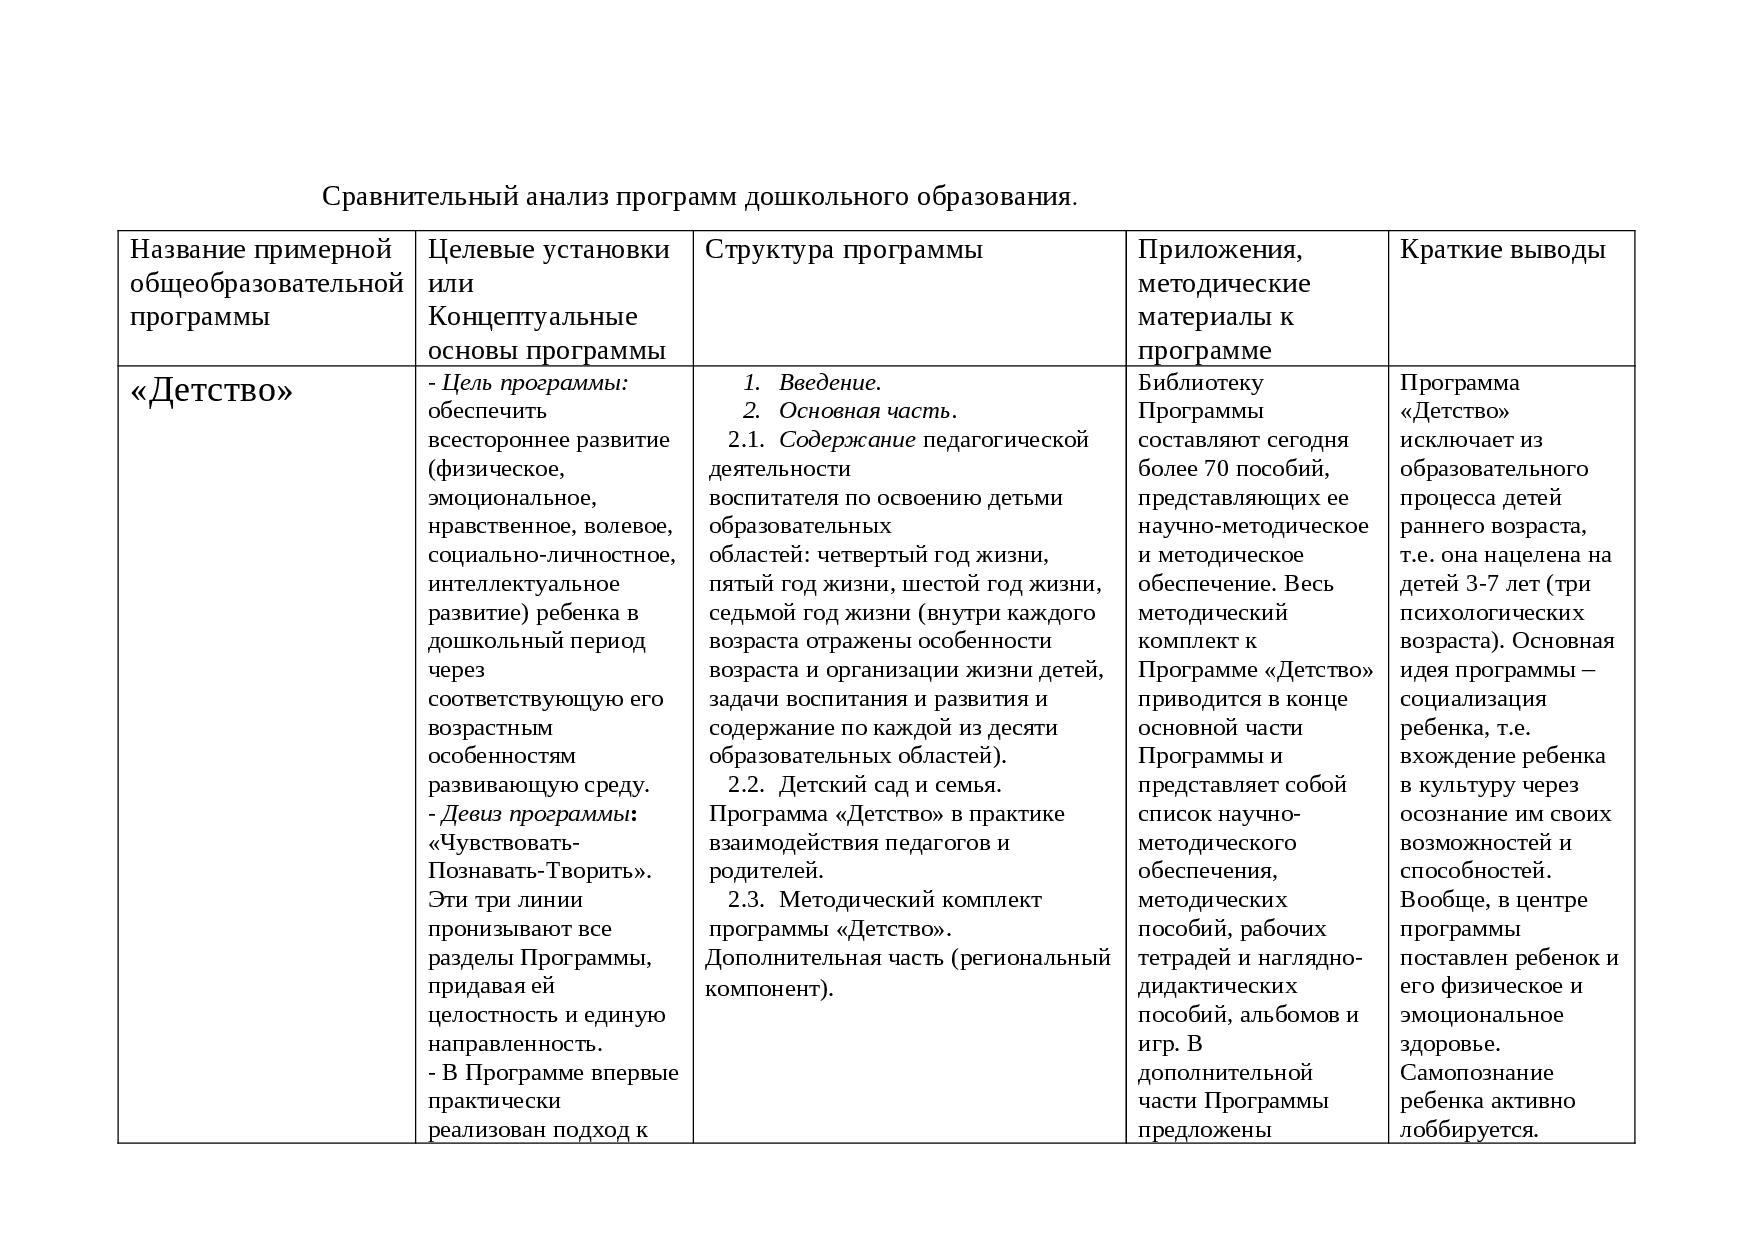 Сравнительная педагогика: история, этапы развития и задачи